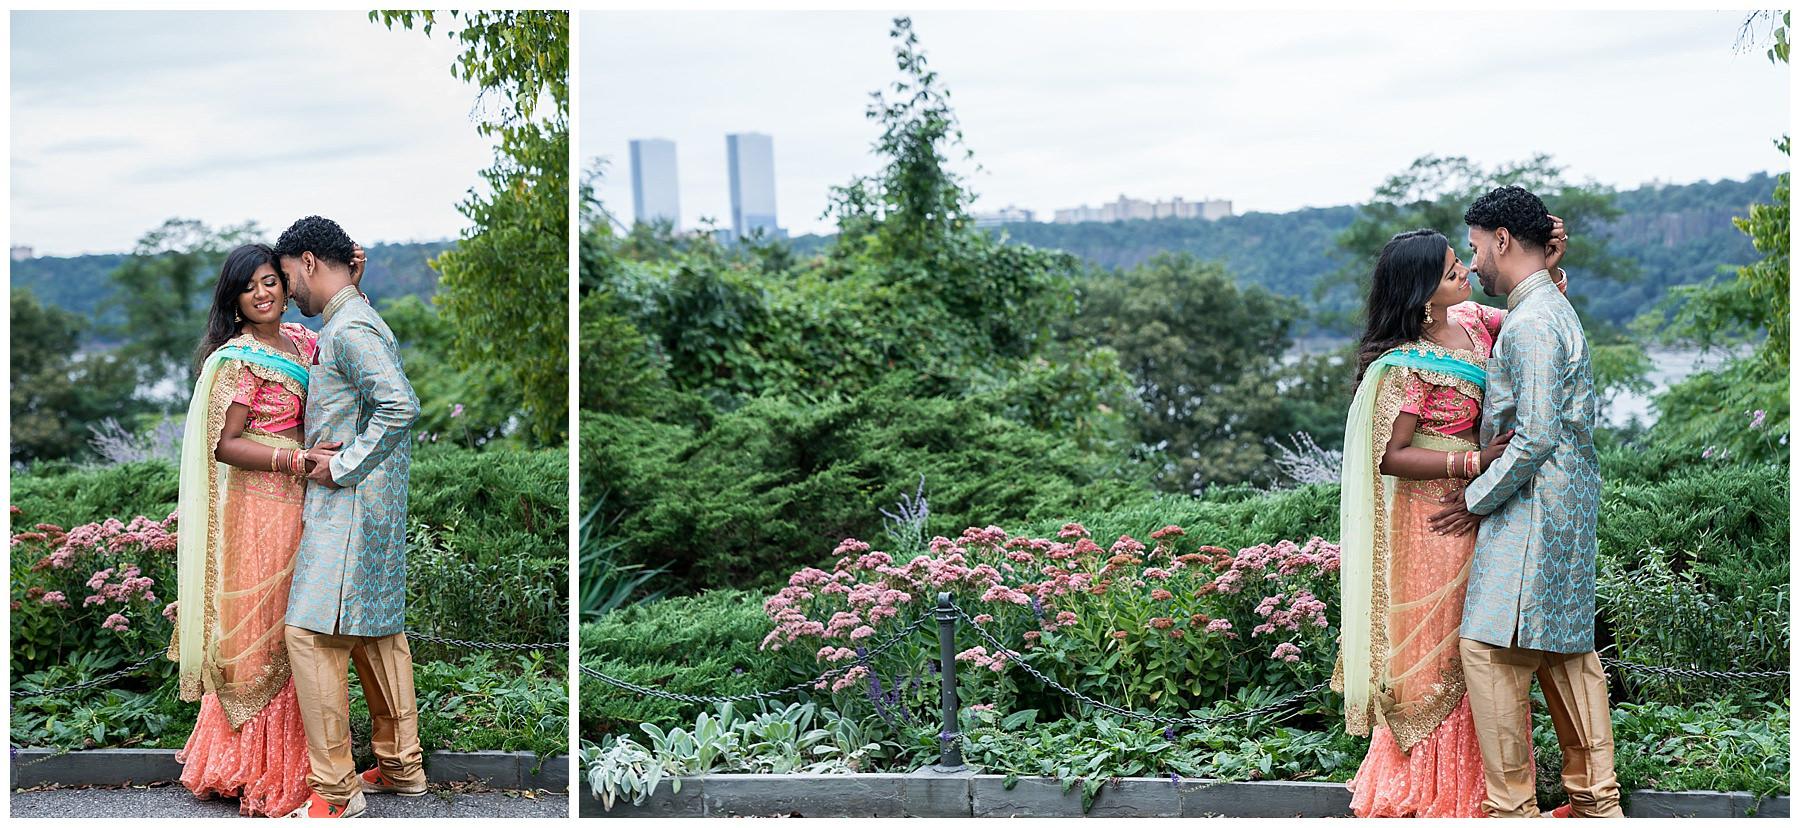 fort-tysons-park-new-york-engagement-shoot-sibyl-jithin-4.jpg